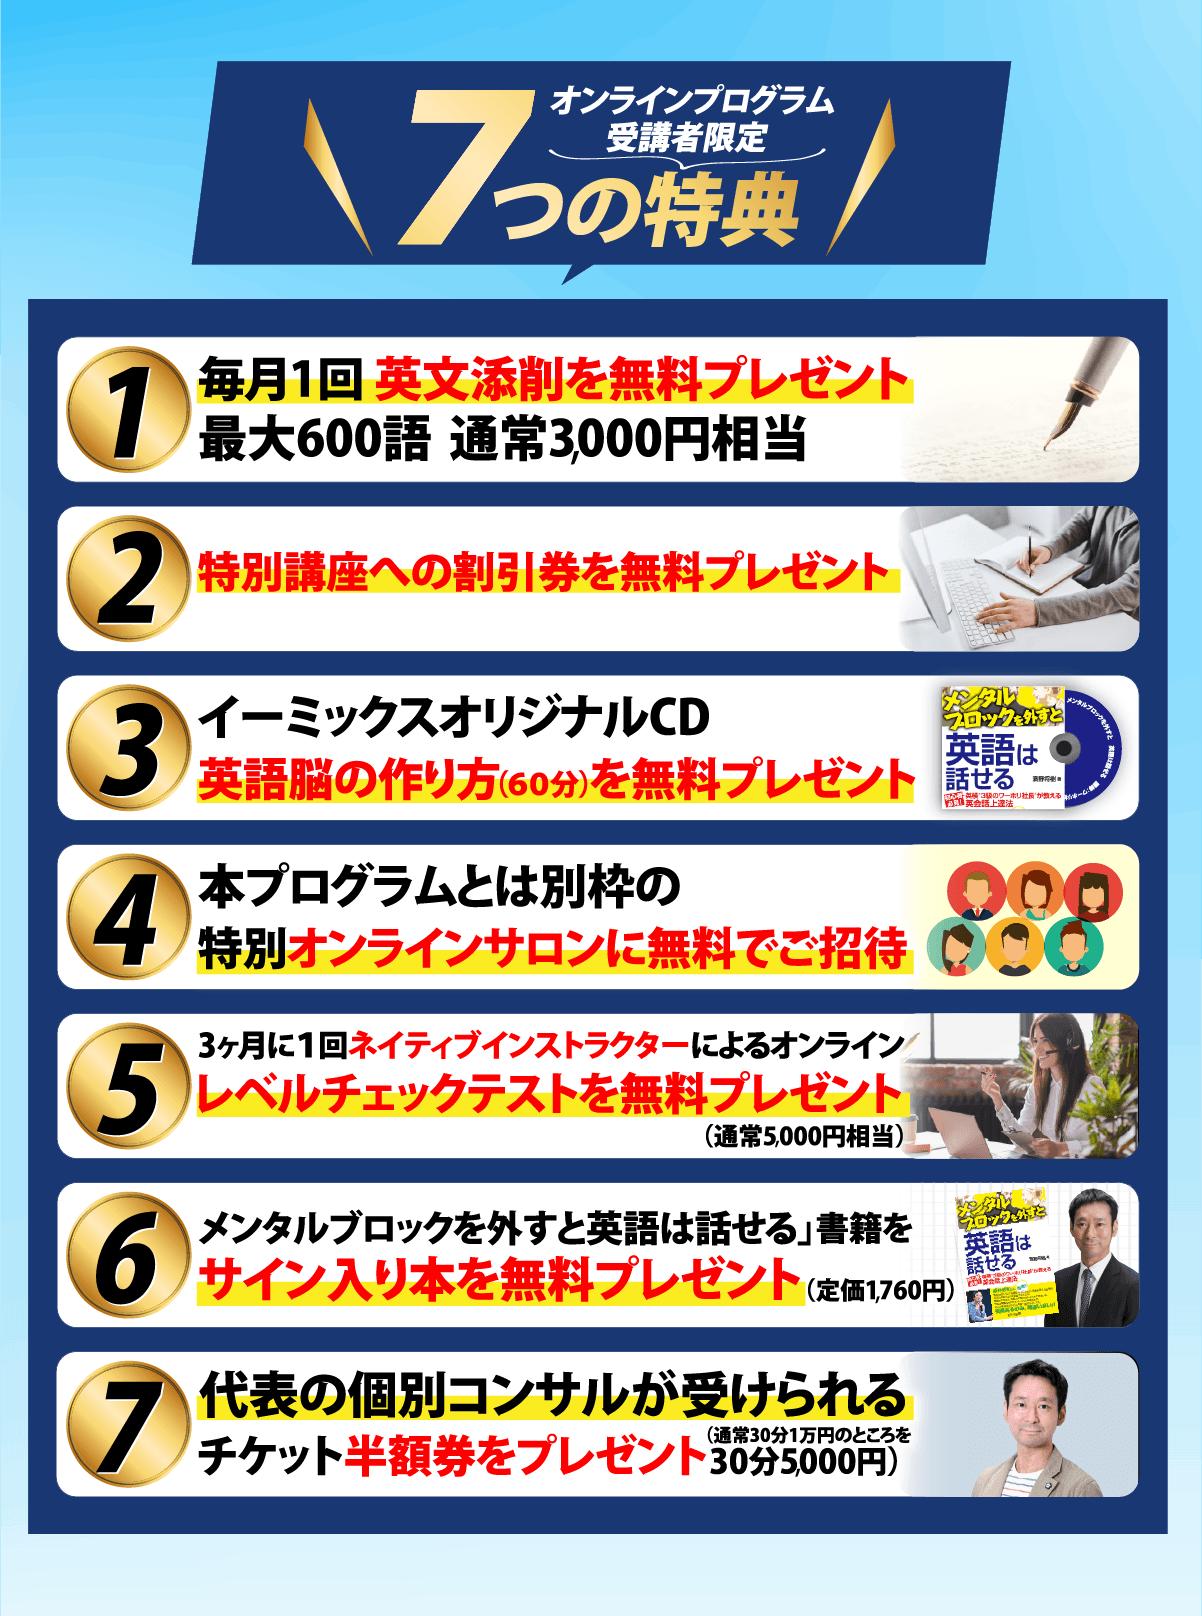 7つの特典